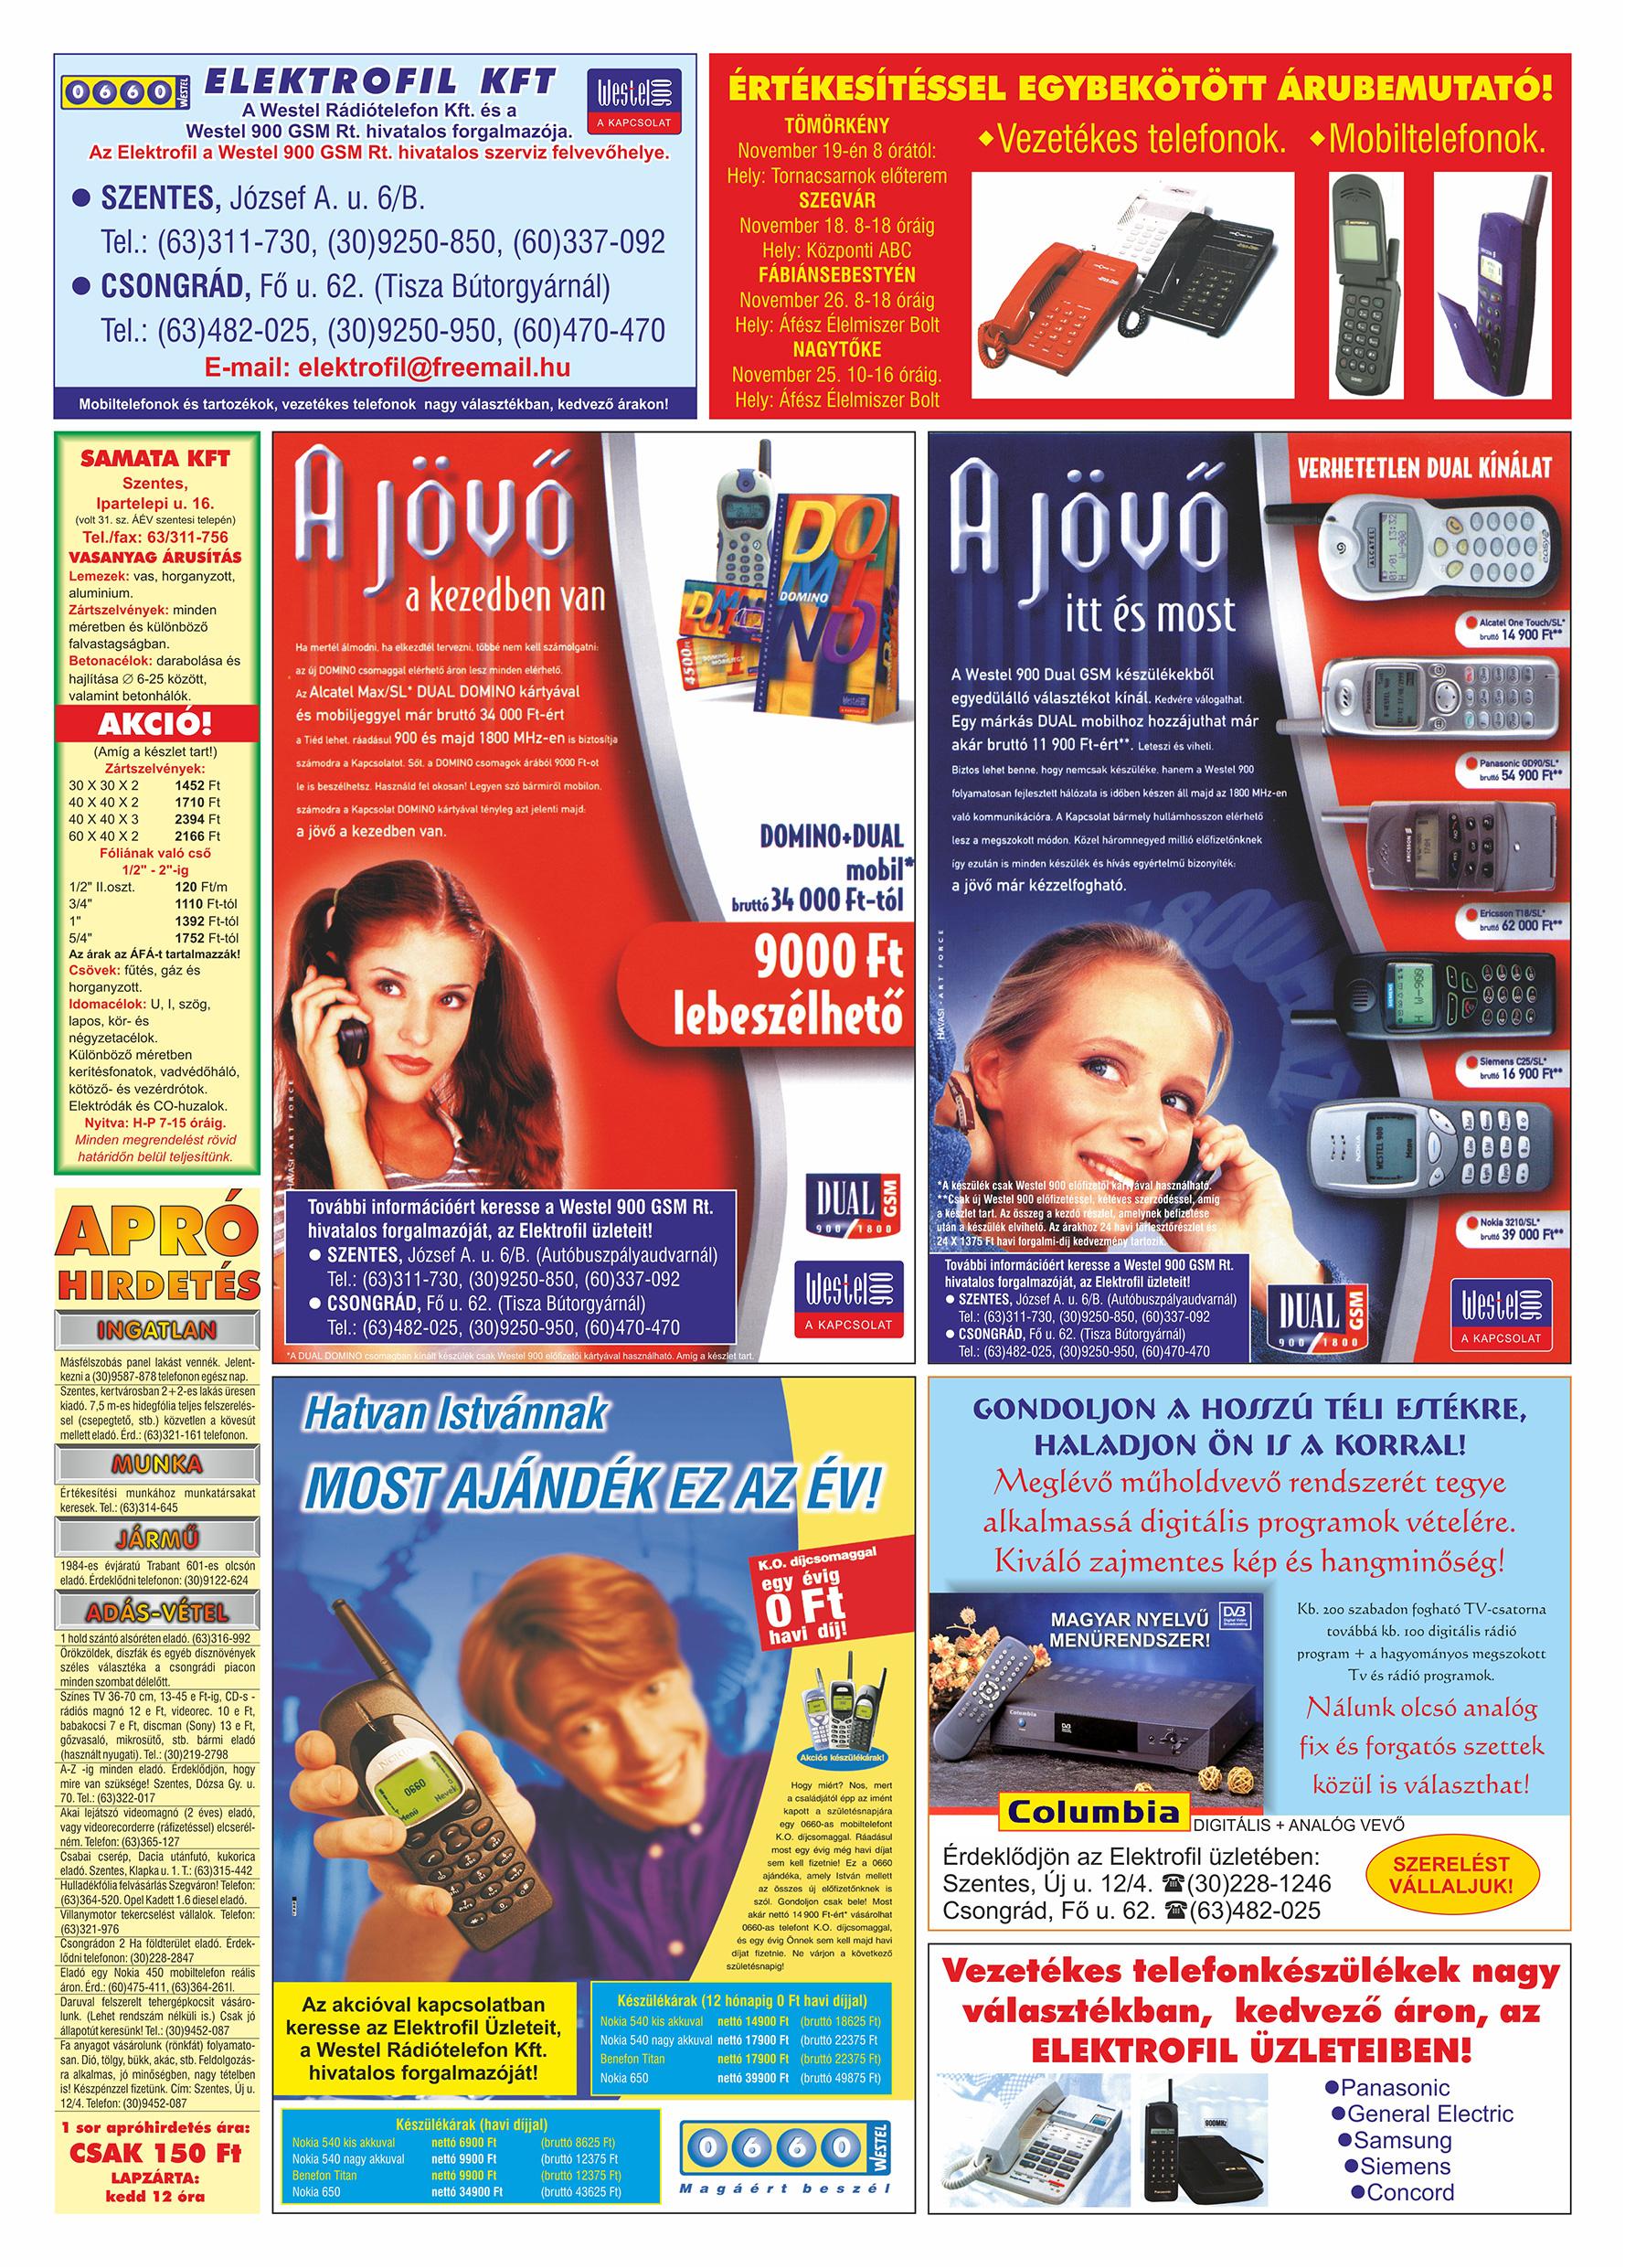 069 Tuti Tipp Extra reklámújság - 19991113-021. lapszám - 3.oldal - V. évfolyam.jpg